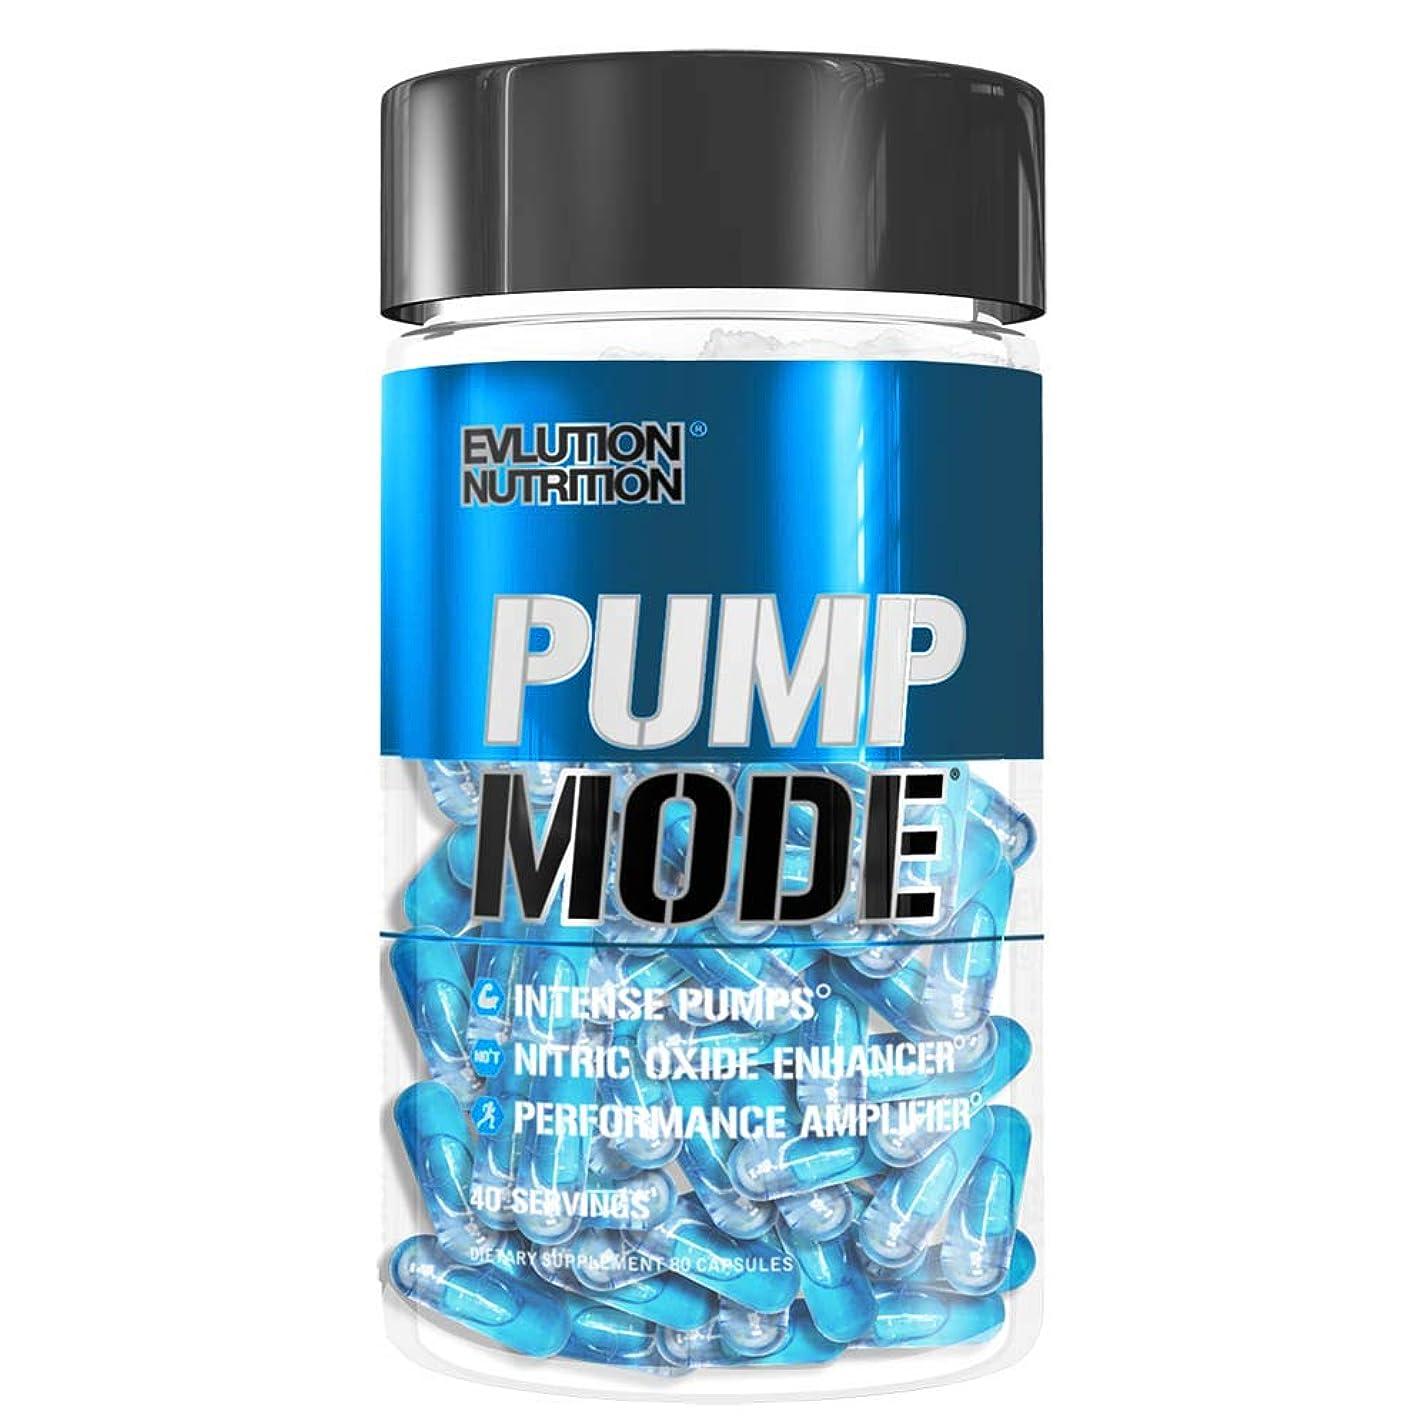 候補者カテゴリー糸PumpMode パンプモード Evlution Nutrition(エボリューションニュートリション)40回分 80粒[海外直送品]